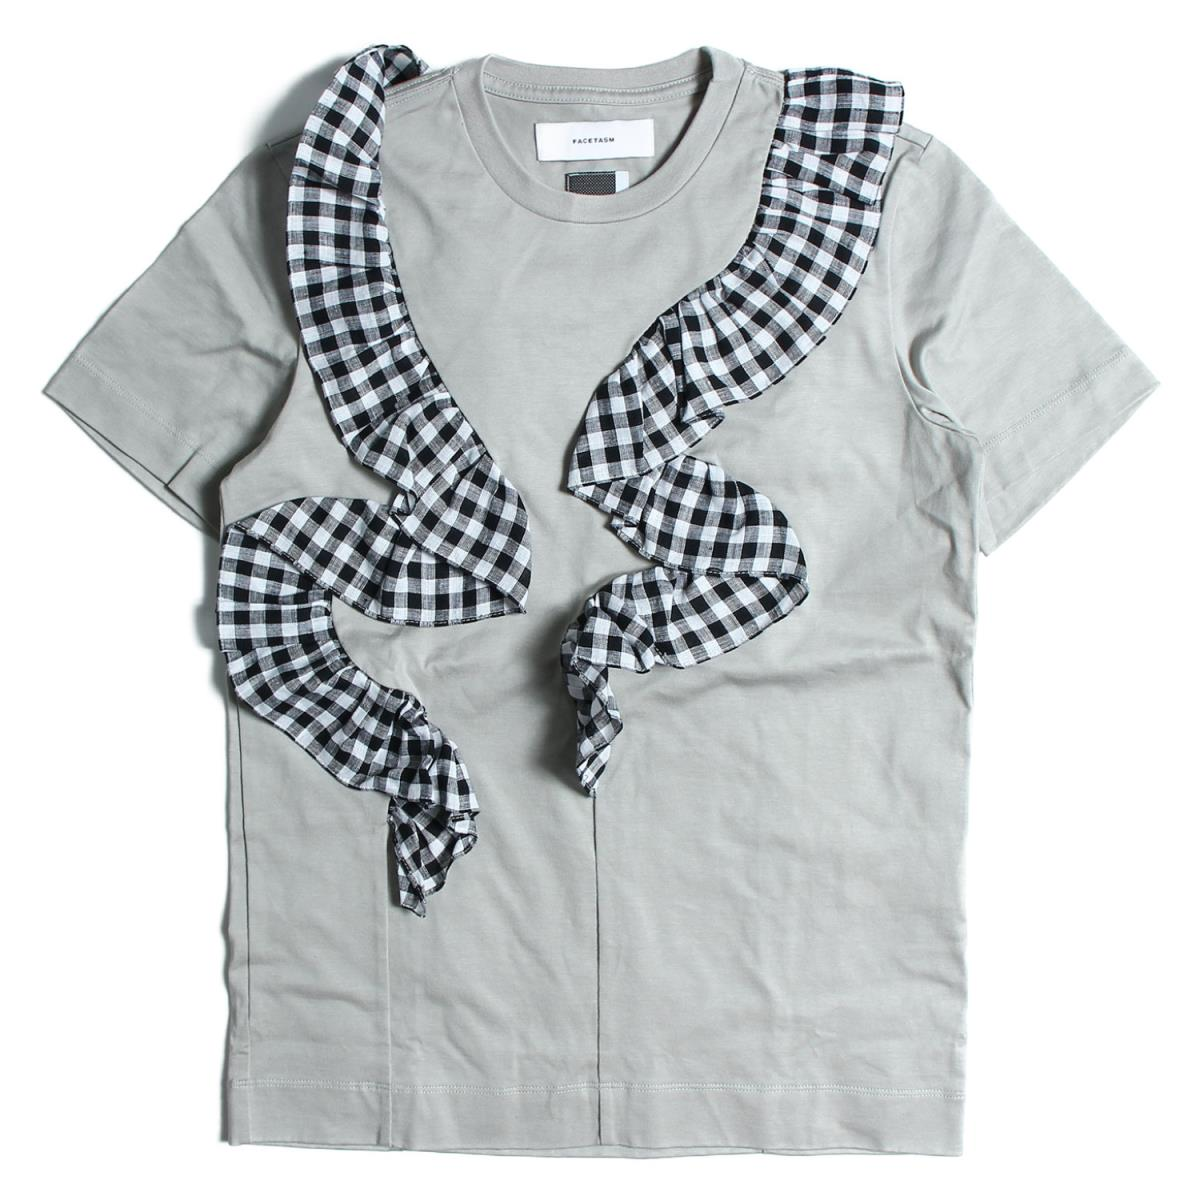 FACETASM(ファセッタズム) DOUBLE FRILL TEE ギンガムチェック フリルカットソー Tシャツ 18春夏 グレー×ブラック×ホワイト 1 【レディース】【美品】【K2336】【中古】